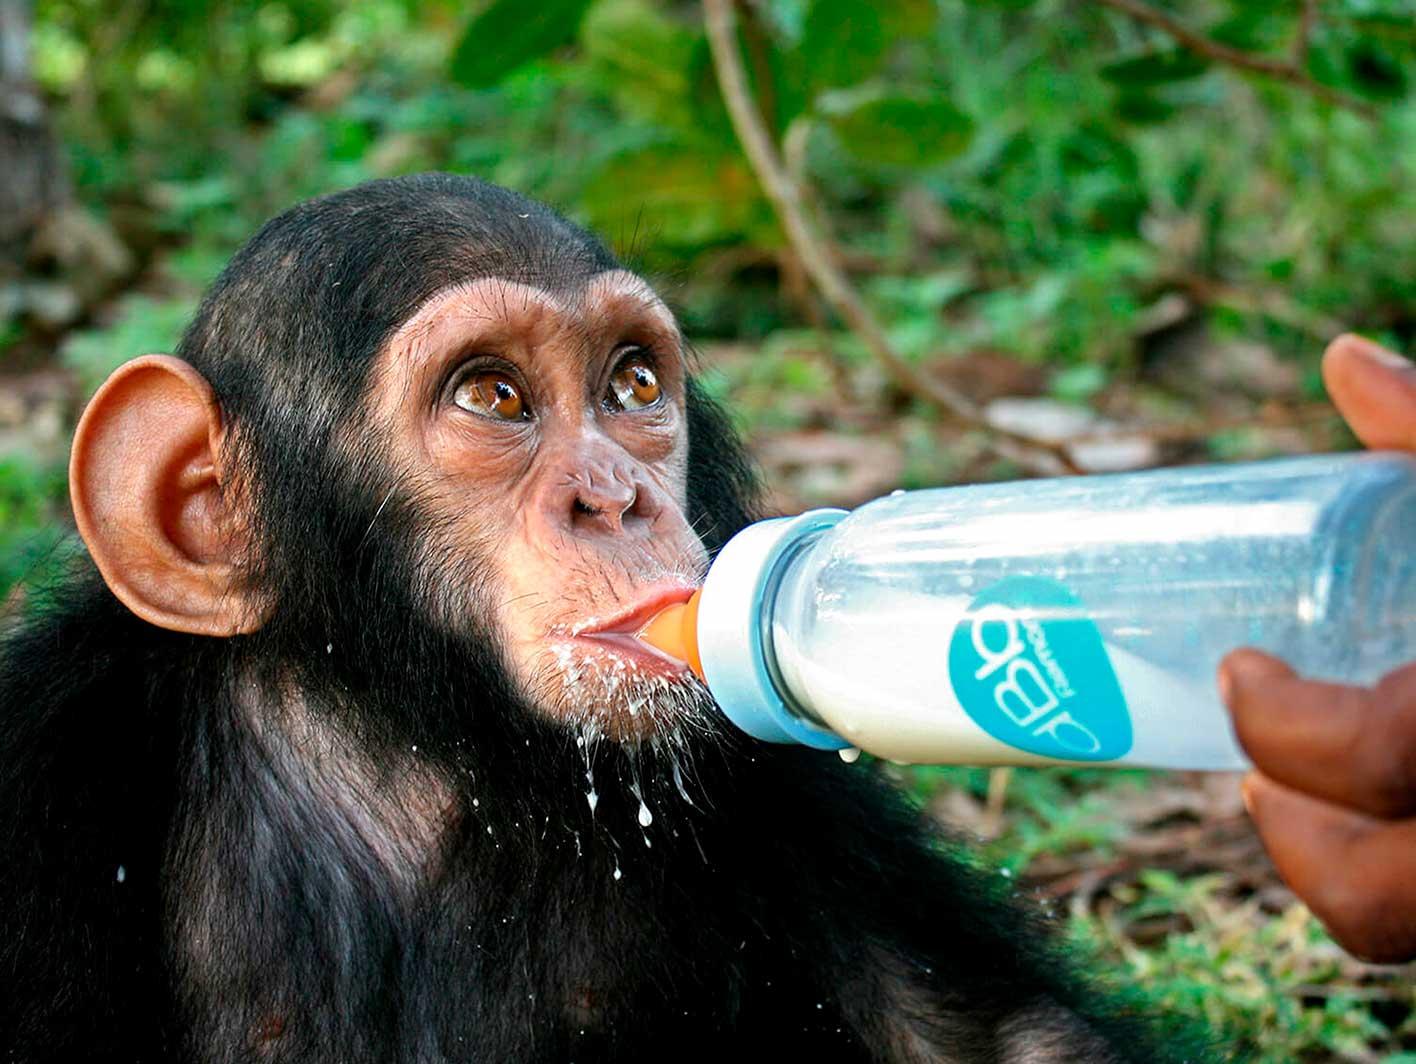 Junger Schimpanse wird mit Flasche gefüttert.